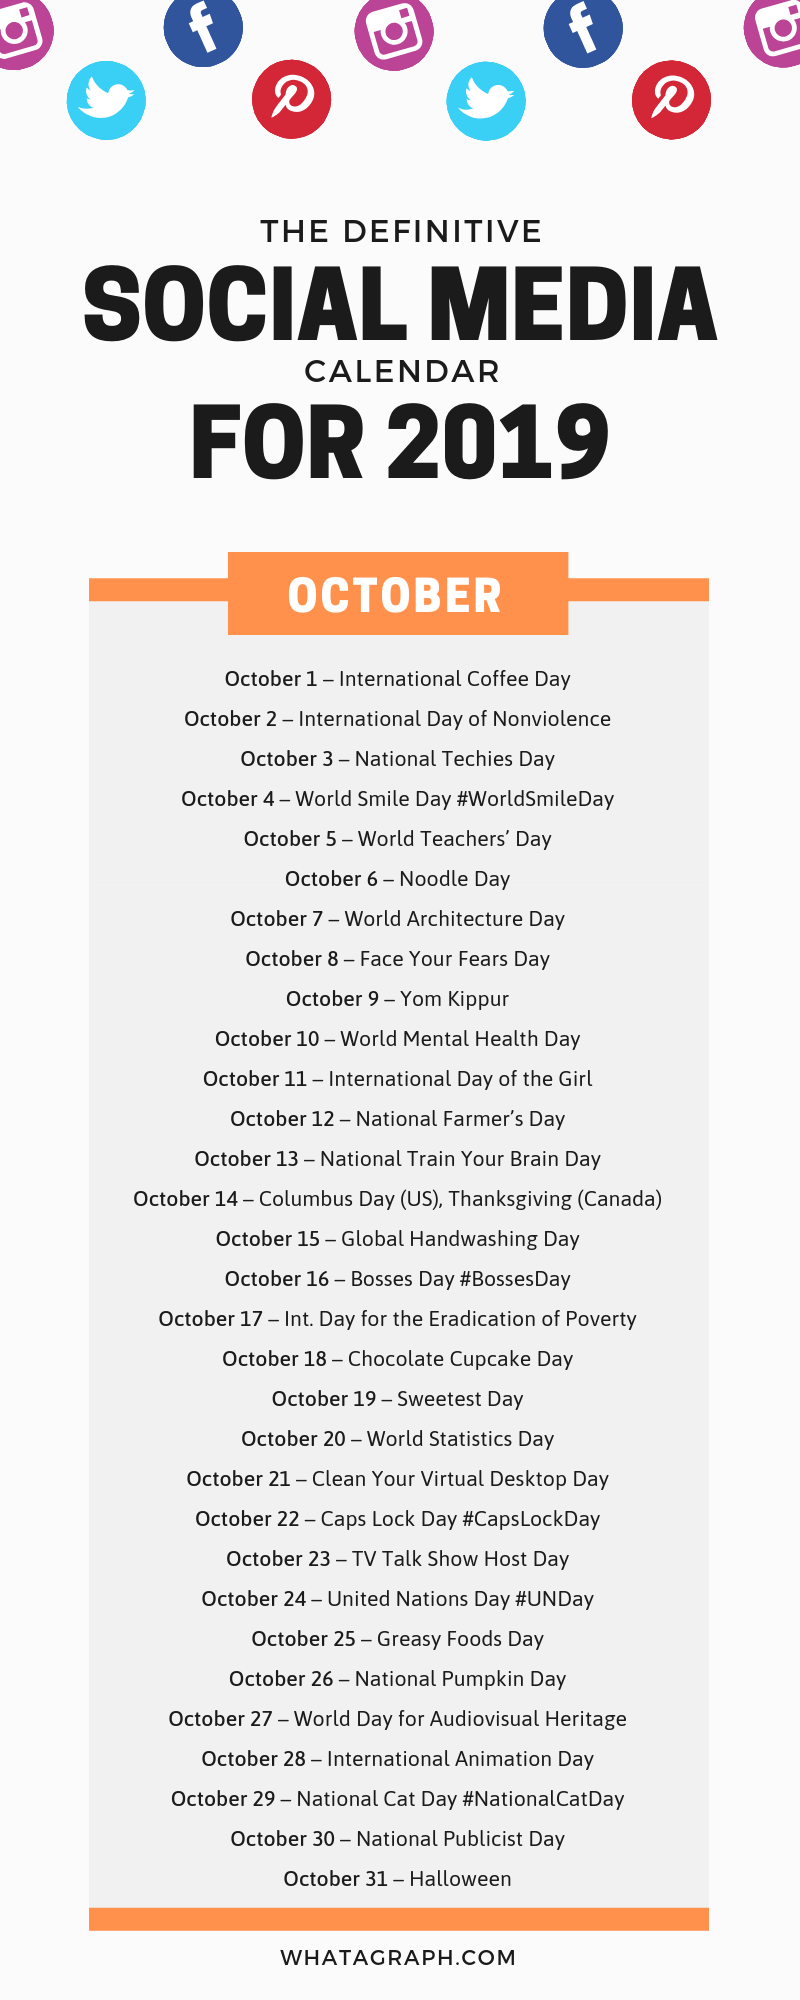 Social Media Holiday Calendar For October 2019 Social Media Calendar International Day Calendar Social Media